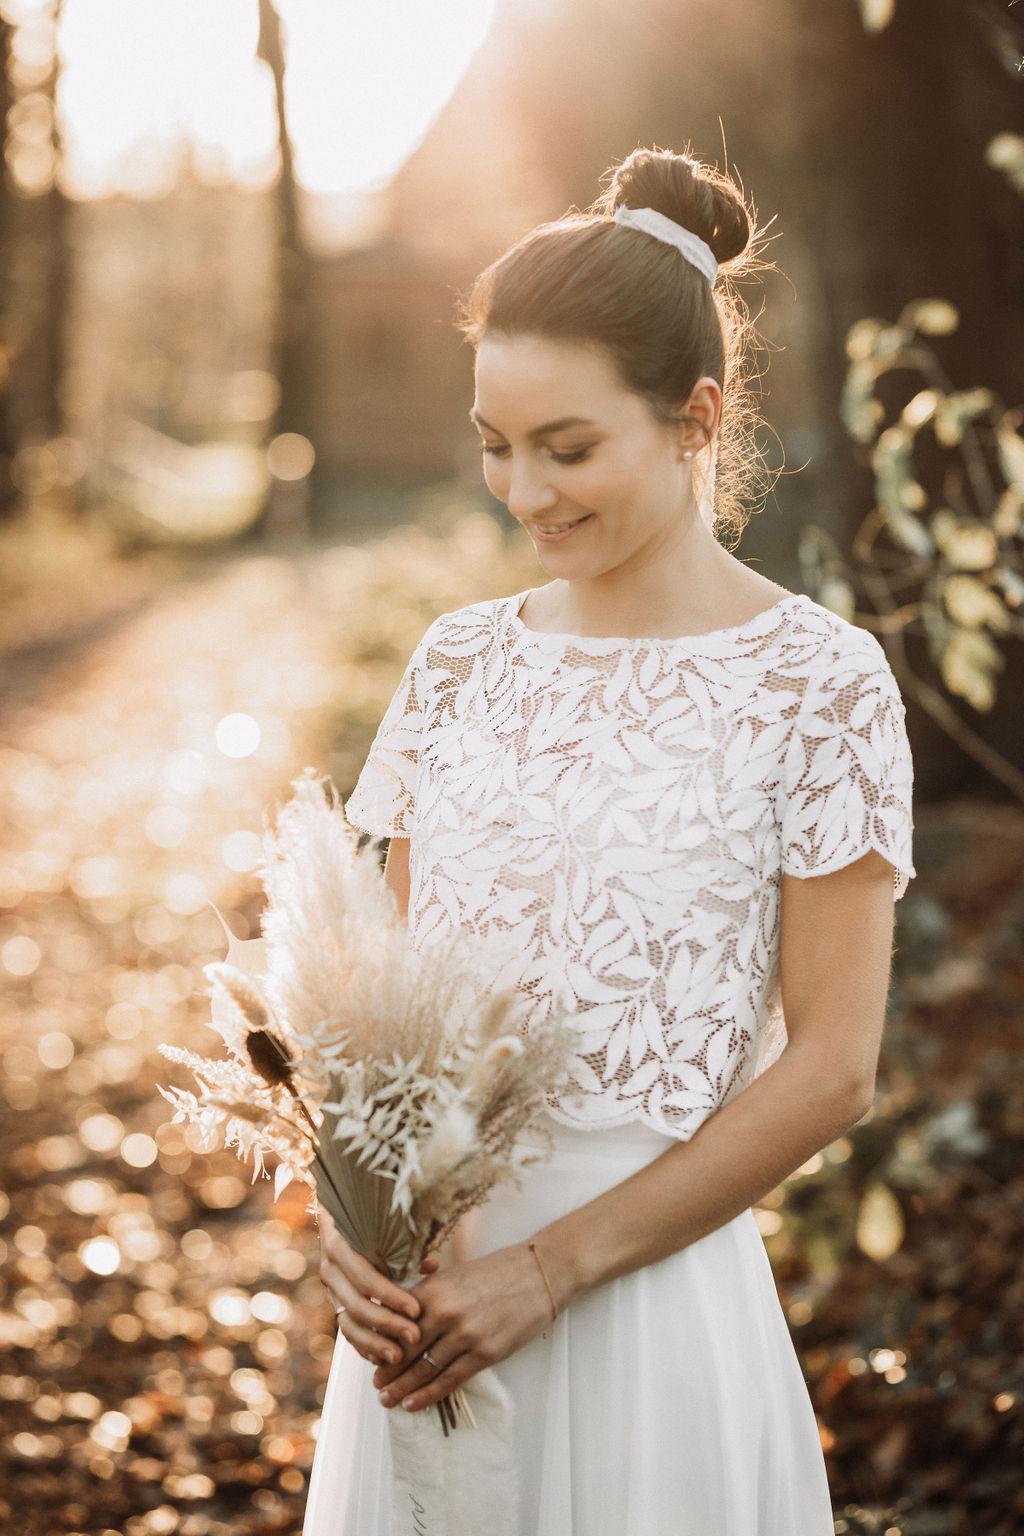 noni Brautmode, Hochzeitsshooting im Wald, Brautpaar händchenhaltend mit Sonneneinfall im Hintergrund. Braut in Kurzarm-Kleid mit Boho-Spitze und Trockenblumenstrauss